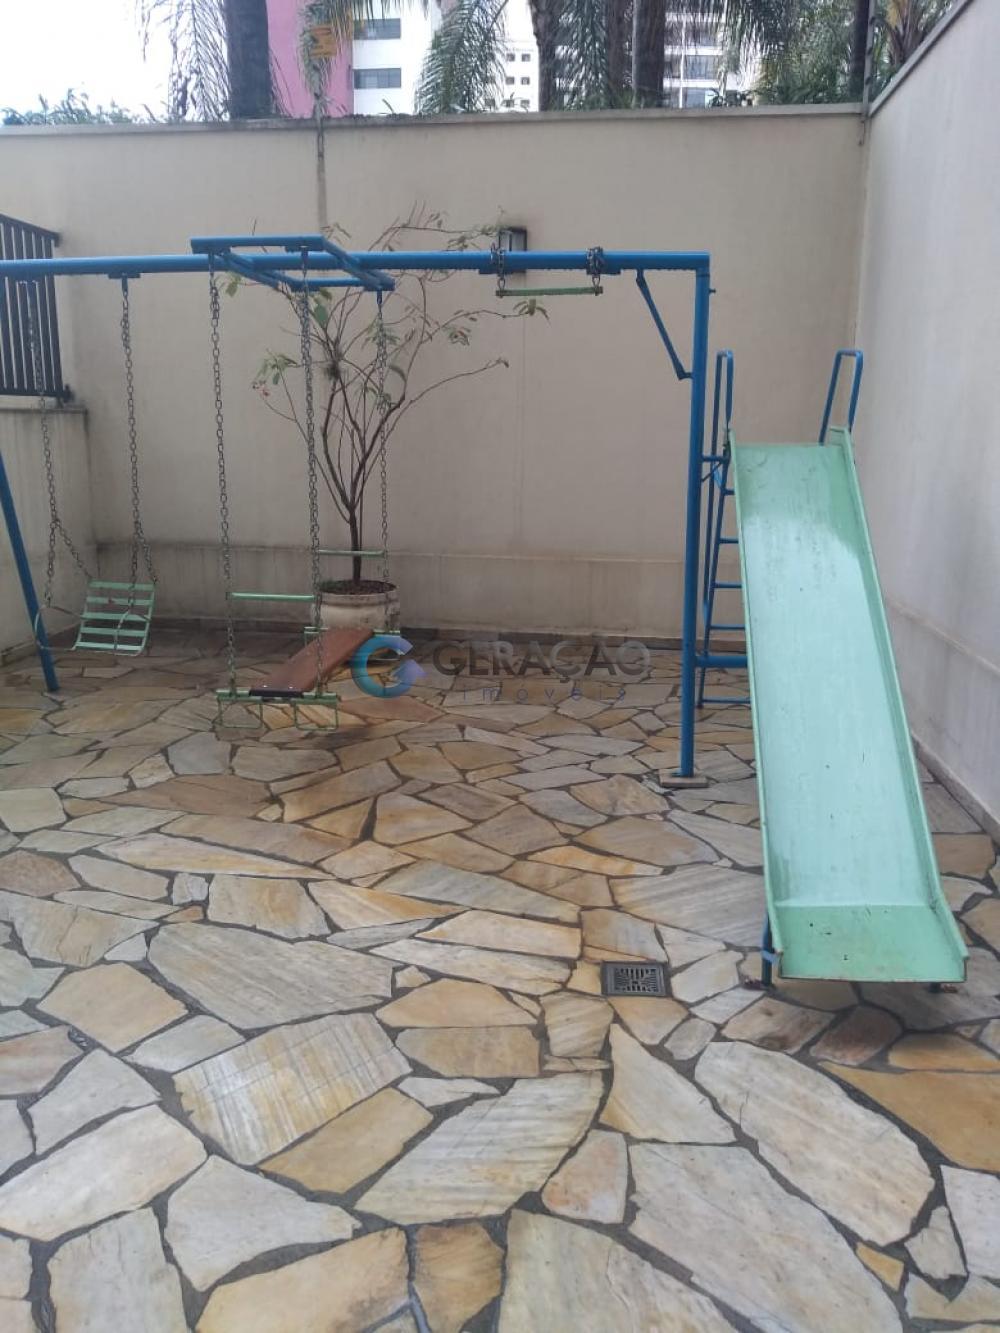 Comprar Apartamento / Padrão em São José dos Campos R$ 1.300.000,00 - Foto 29